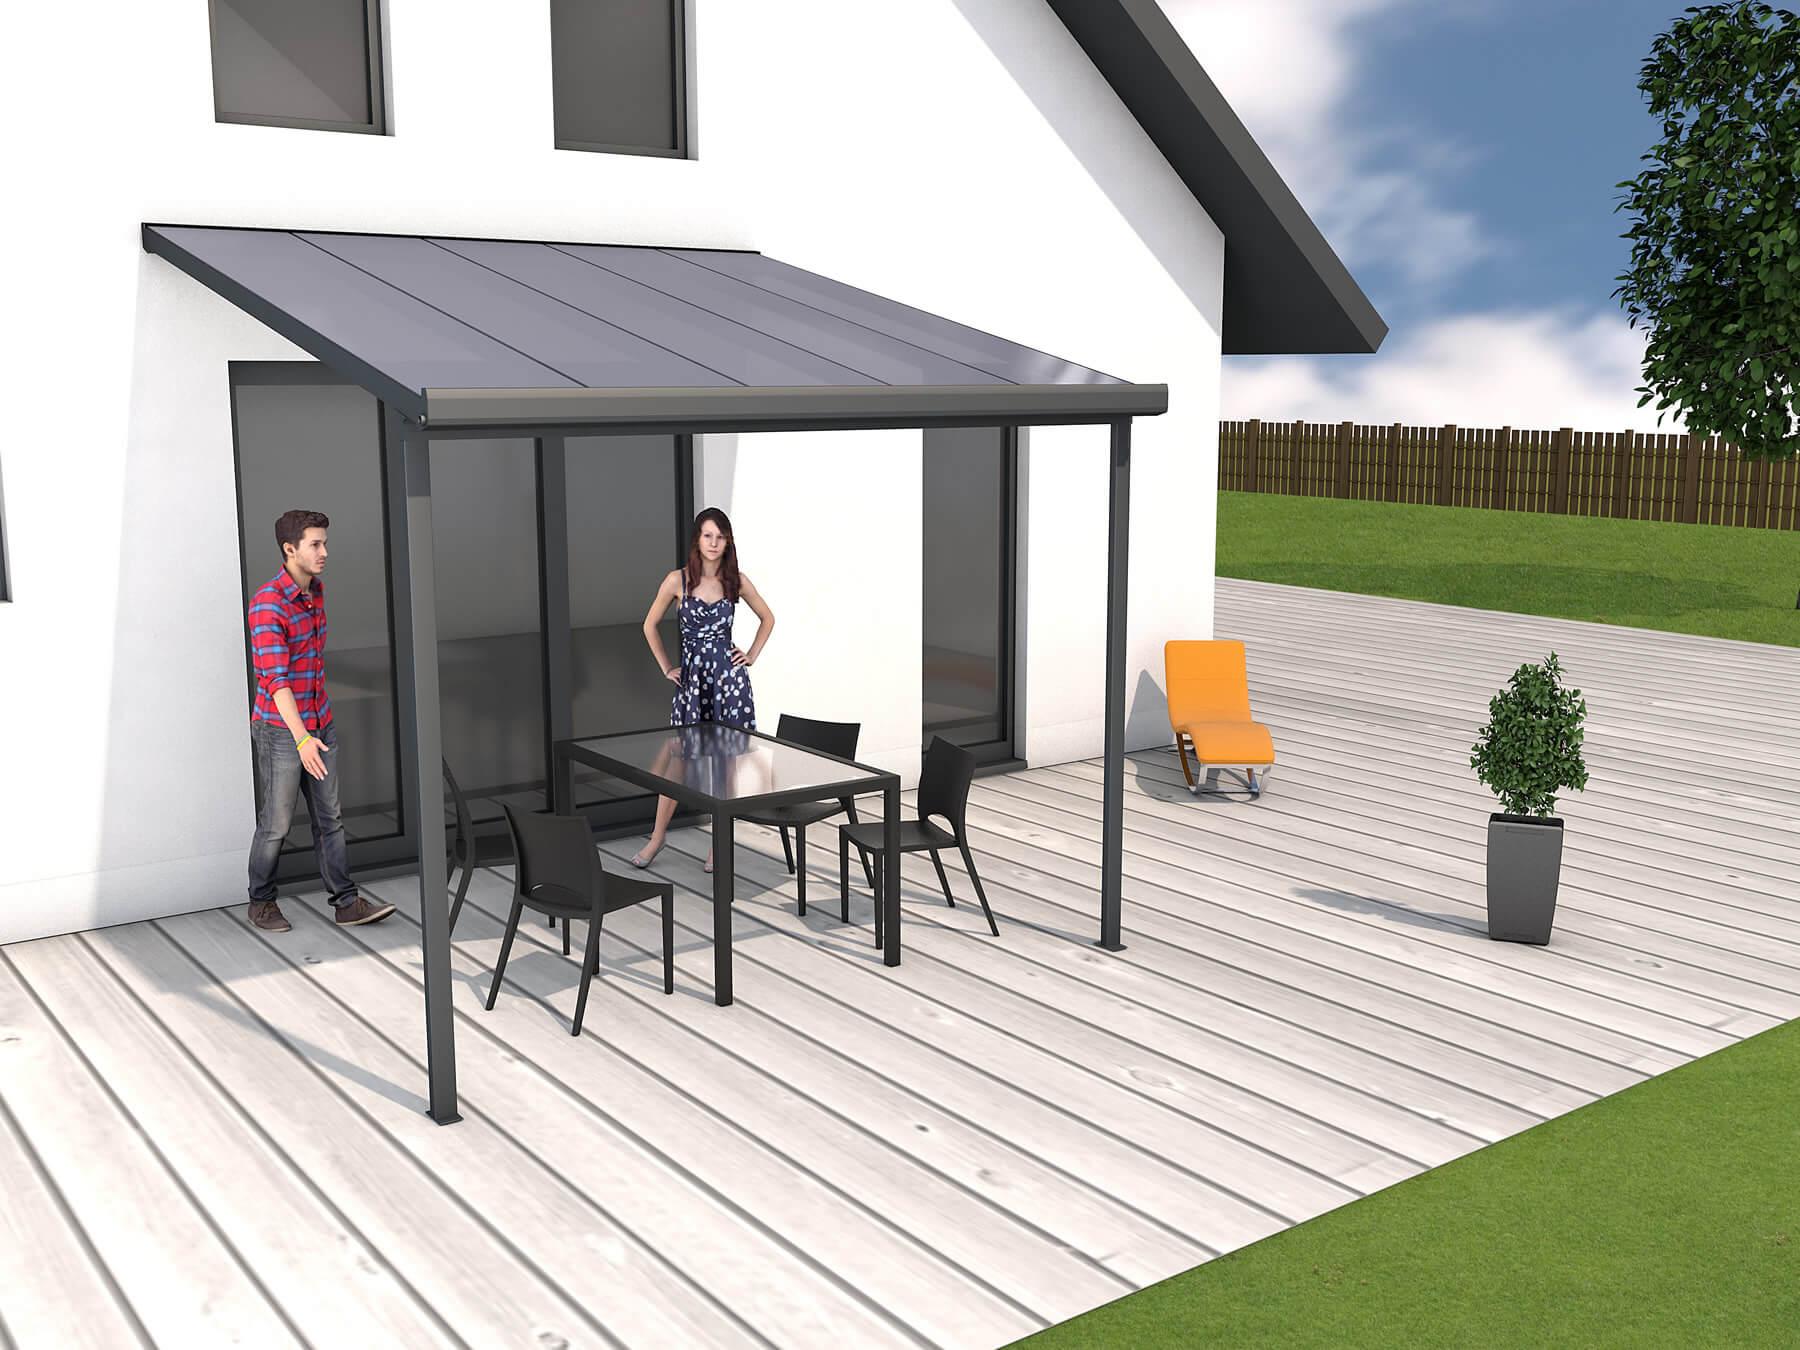 terrasse und sichtschutz g nstig einkaufen stegplatten. Black Bedroom Furniture Sets. Home Design Ideas